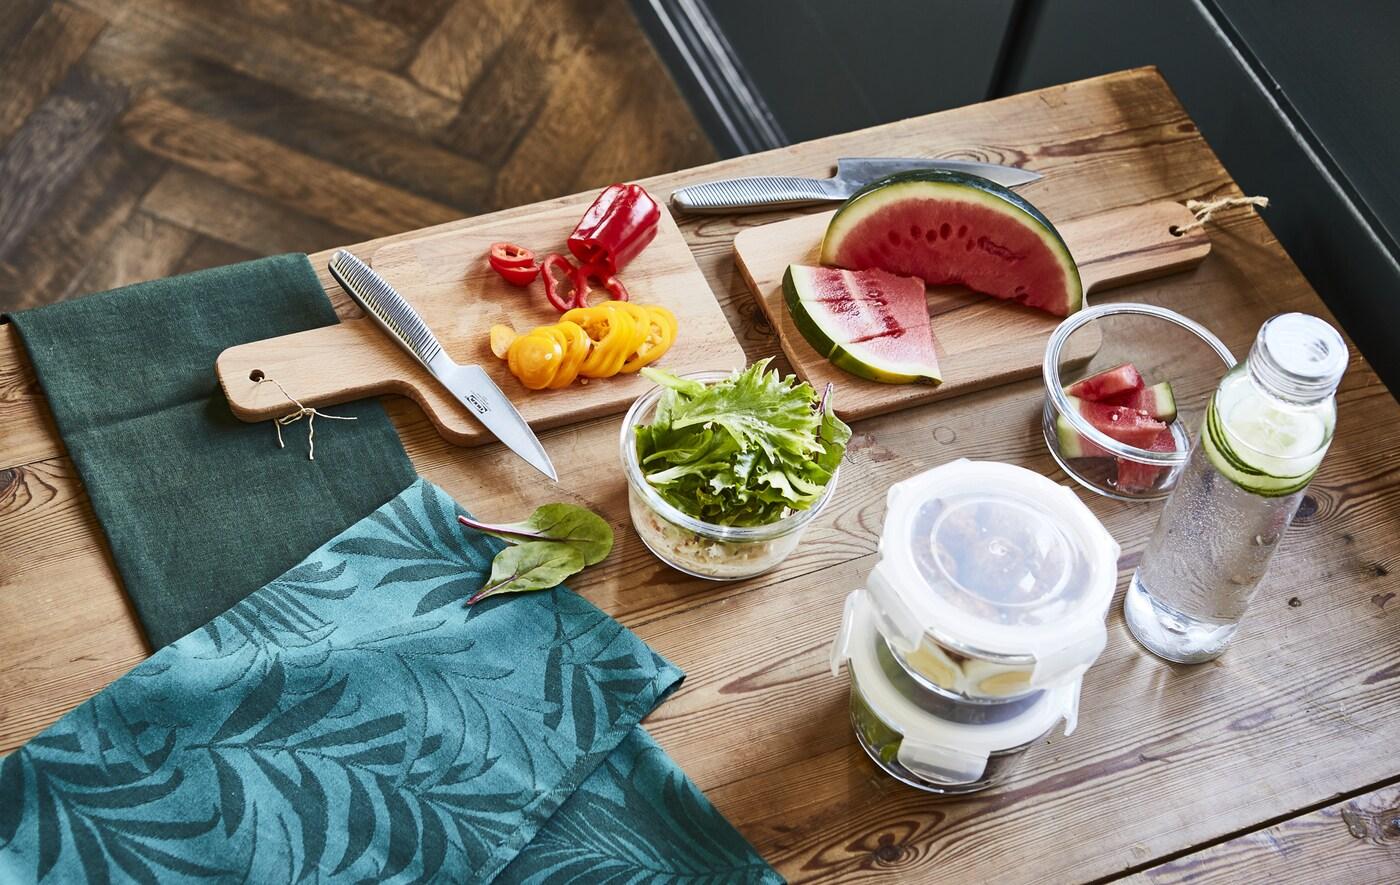 Mesa de madera con verduras, frutas frescas y agua